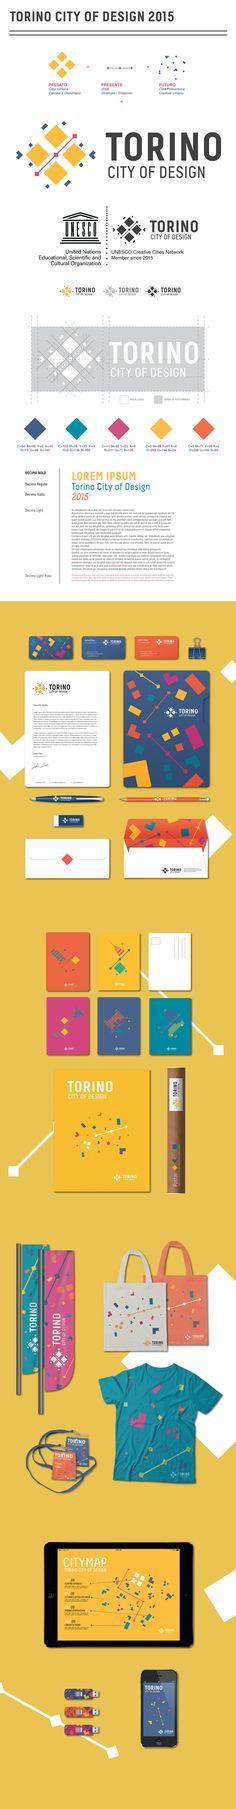 Torino City of Design 2015 - Logo&Branding on Behance